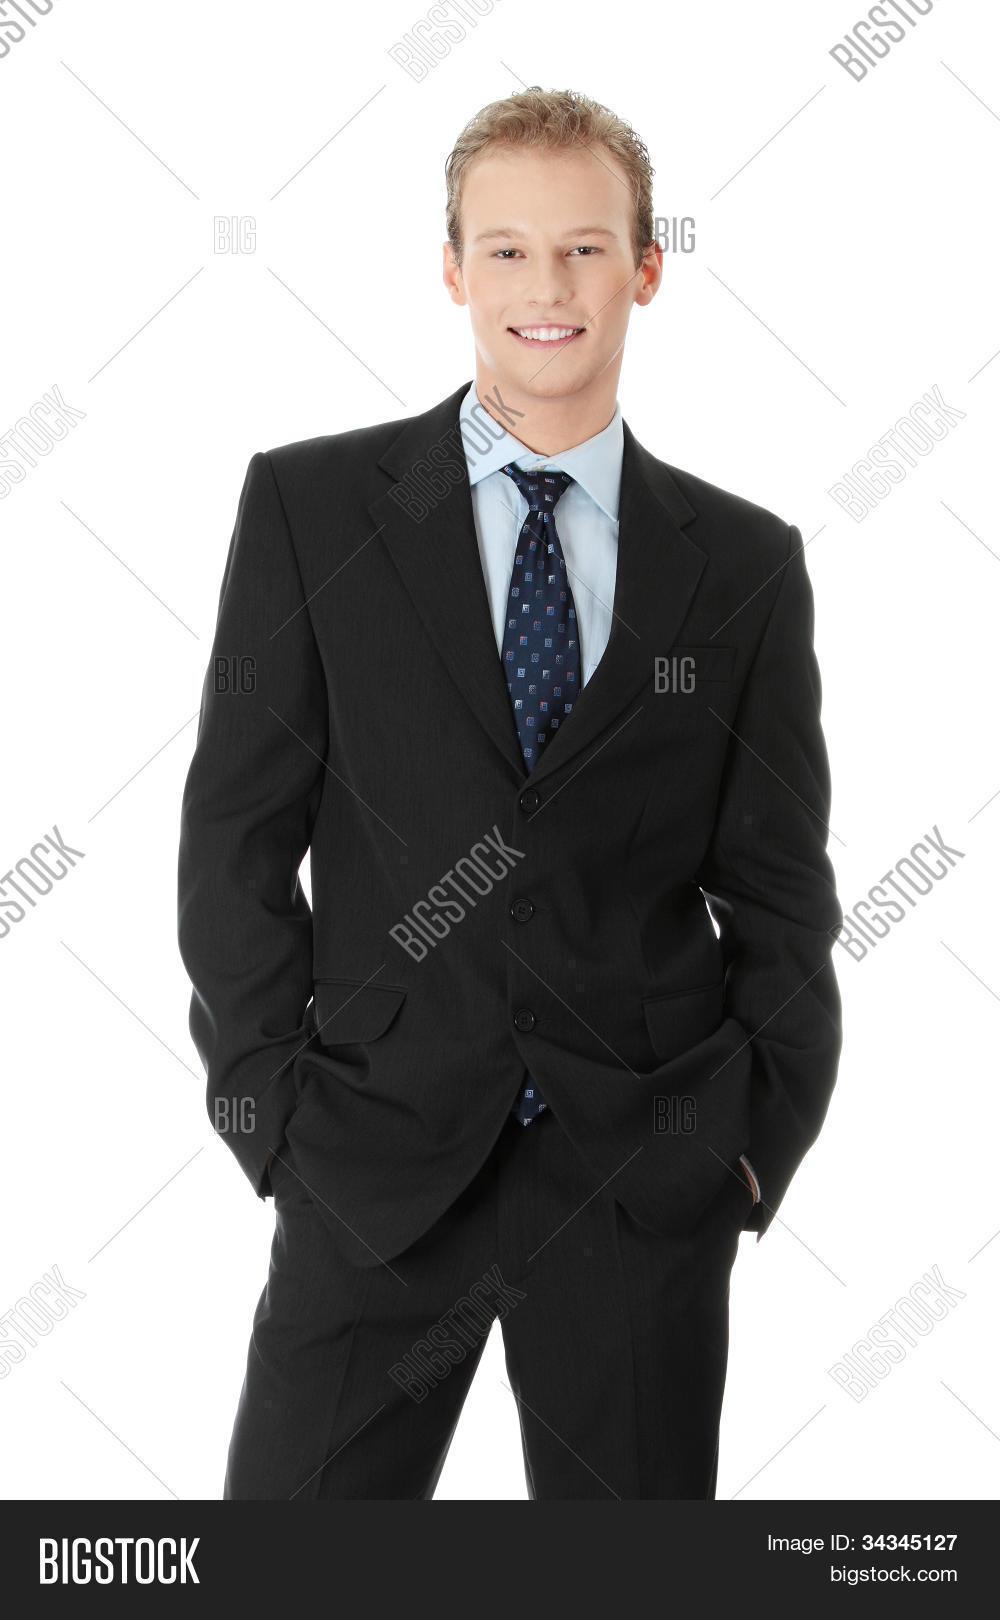 jung gut aussehend gesch ftsmann tragen schwarzen anzug blaues hemd und krawatte l chelnd. Black Bedroom Furniture Sets. Home Design Ideas